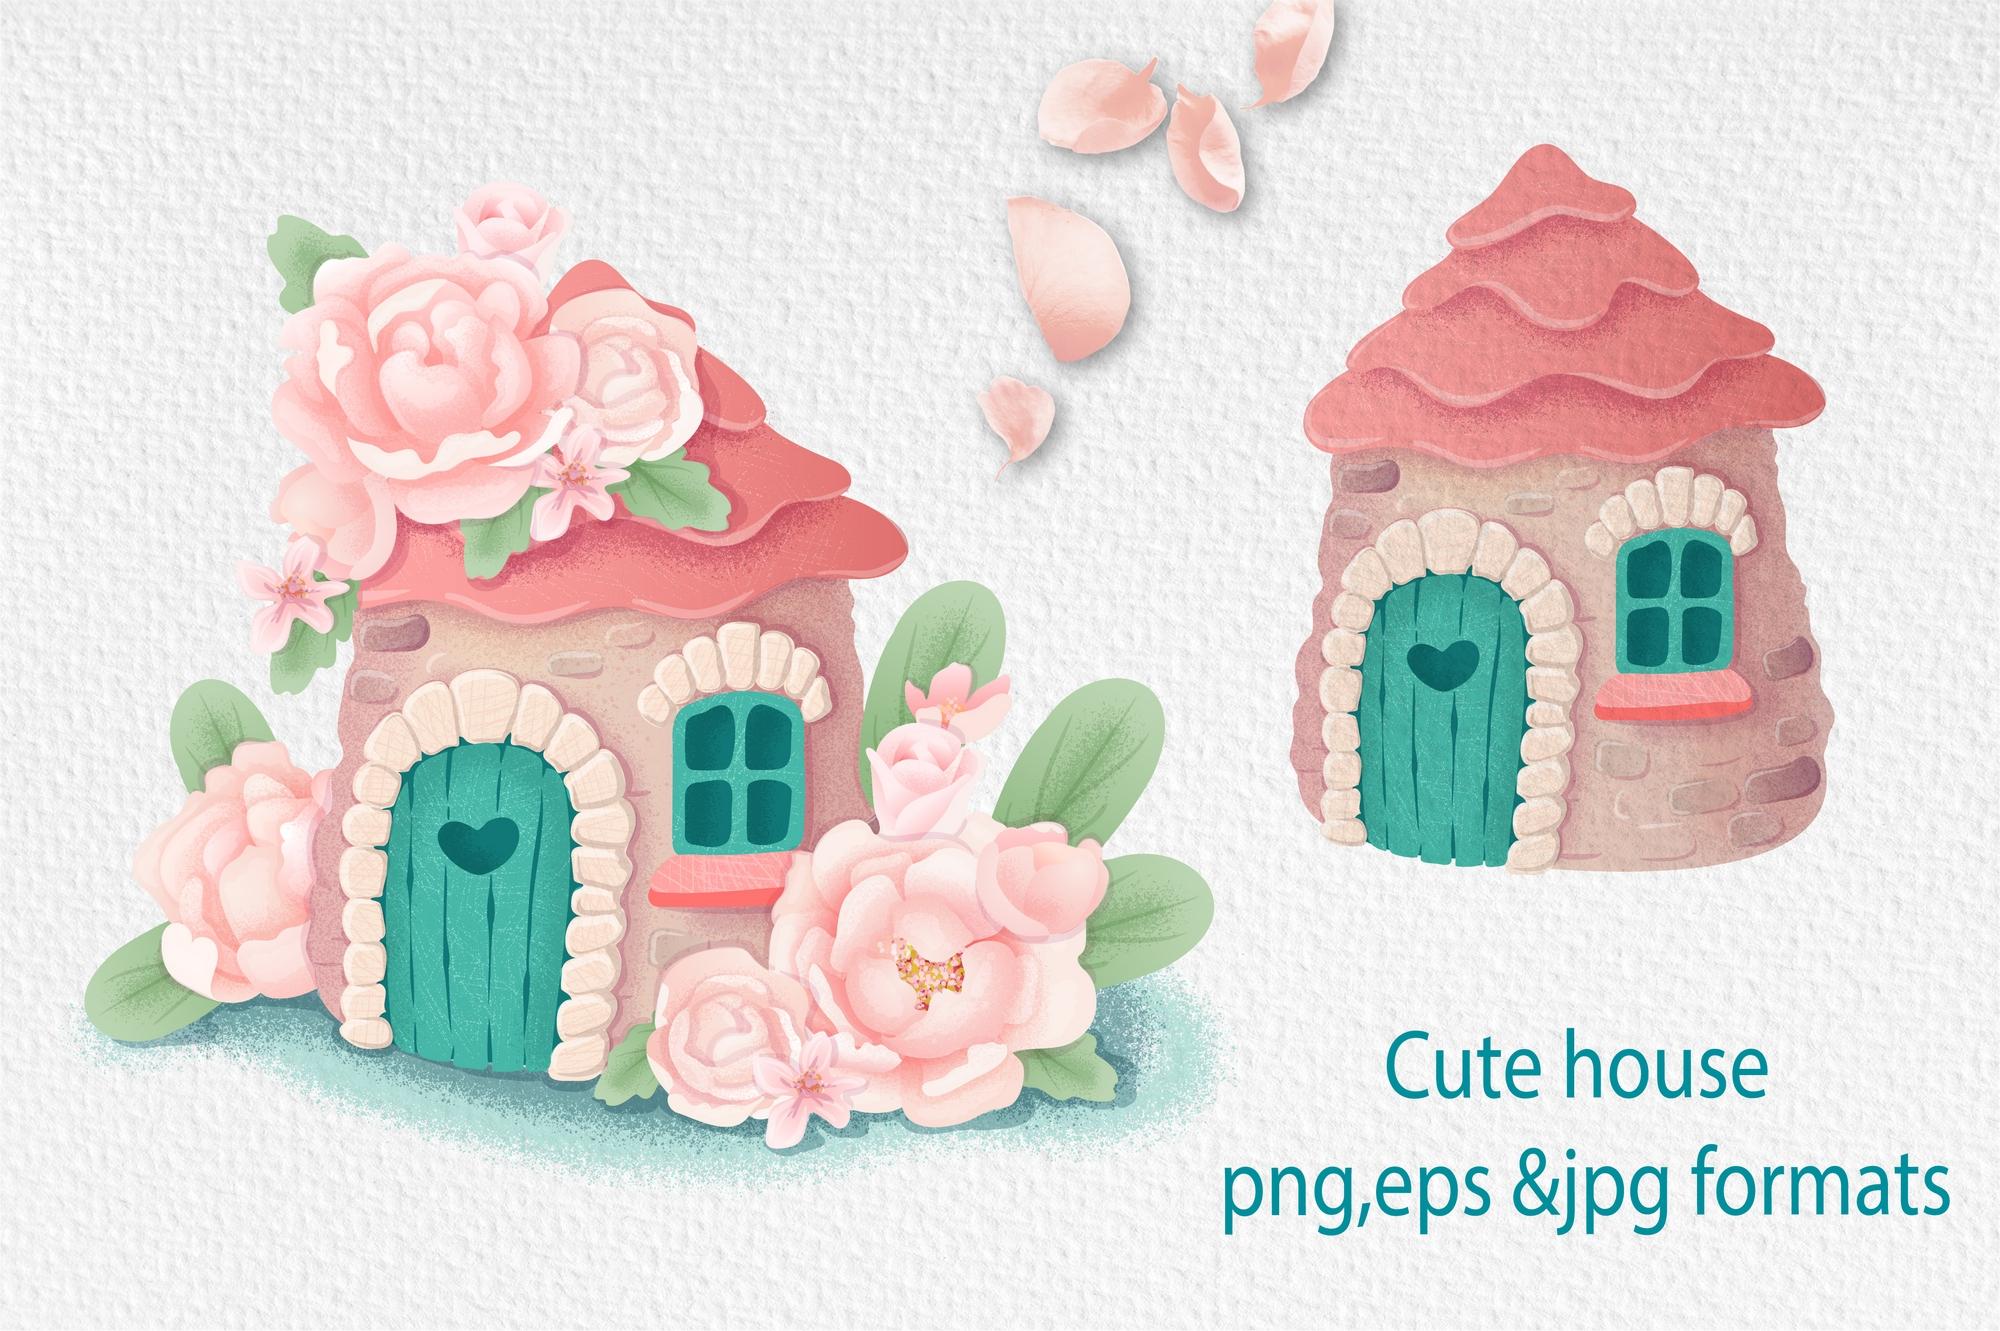 可爱小马公主花卉大写字母手绘剪贴画集 Cute Pony Princess插图(3)